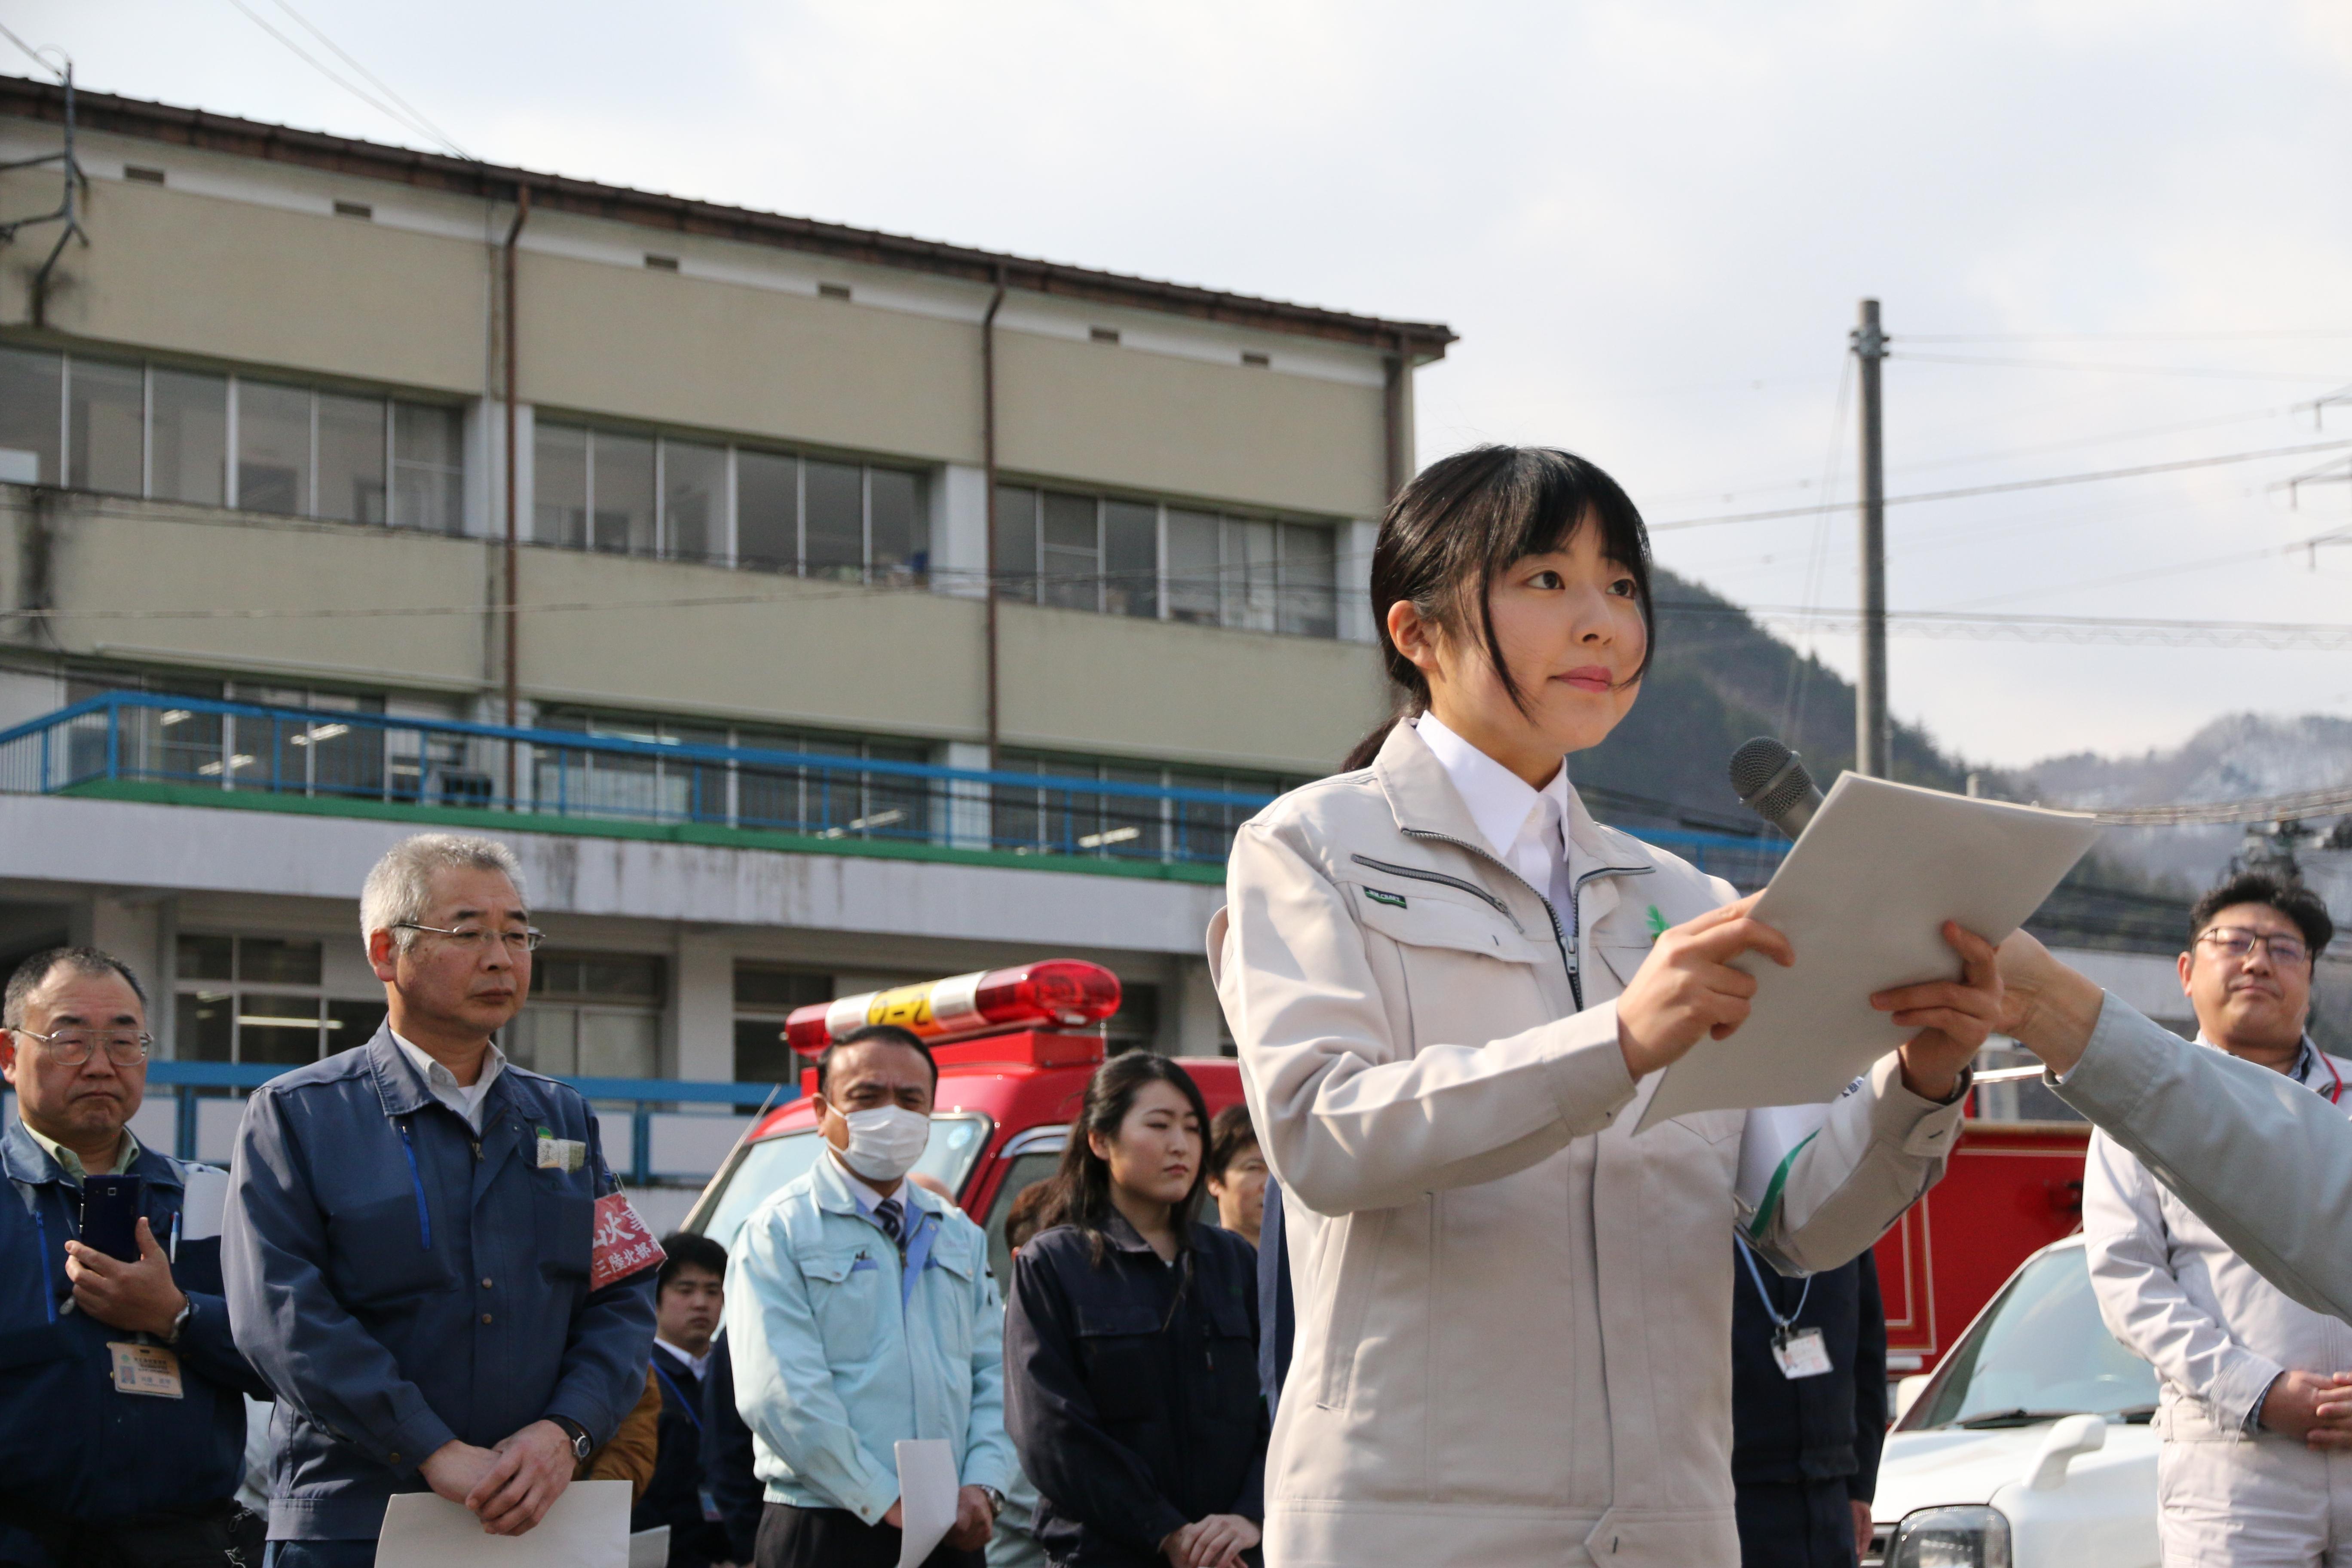 岩泉町・みんなで山火事を防止   いわいずみブログ